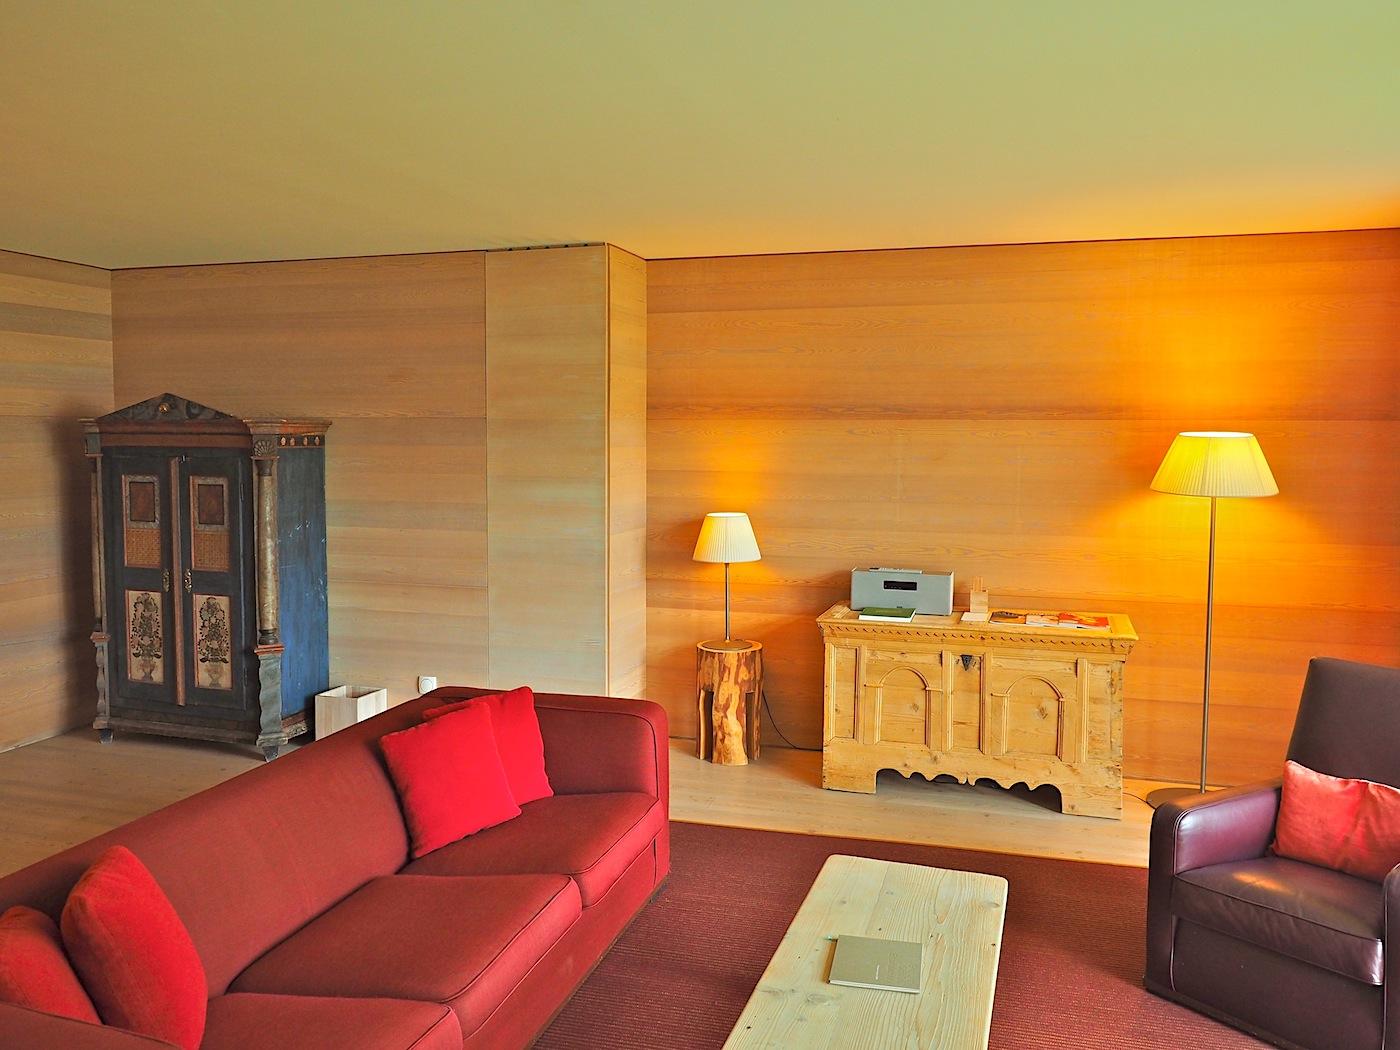 Brauchtum. Neben dem Restaurant Ida geben nur die Suiten, doppelt so groß wie die Standardzimmer, der bäuerlichen Tradition mit bemaltem Schrank, geschnitzter Truhe und rustikaler Sitzecke ein wenig Raum.